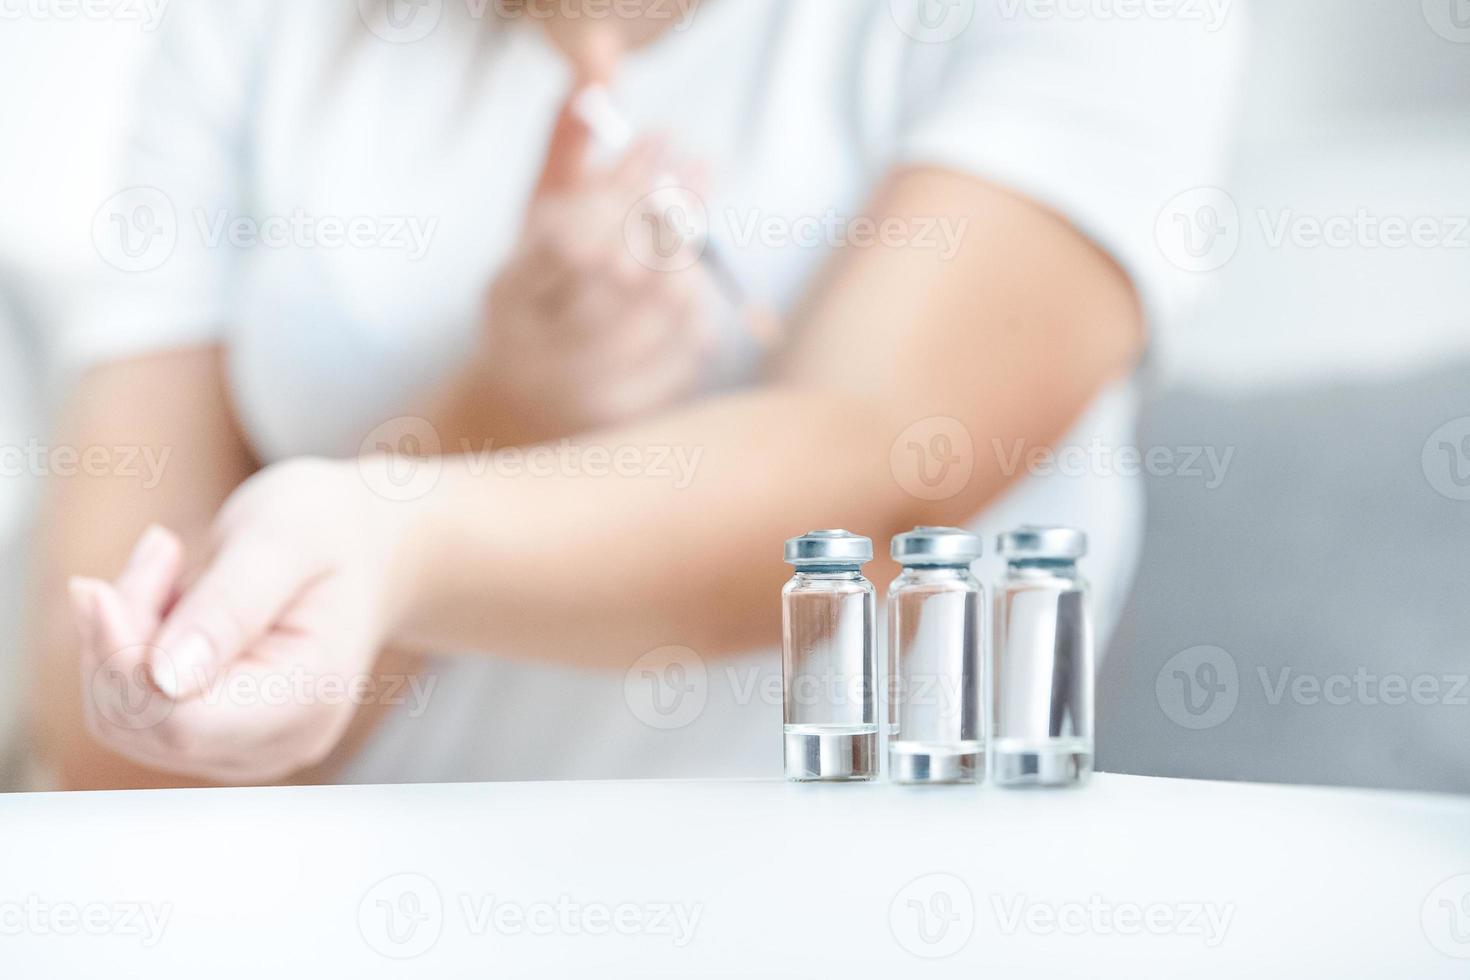 bottiglie di vetro con insulina contro la donna che fa la puntura foto